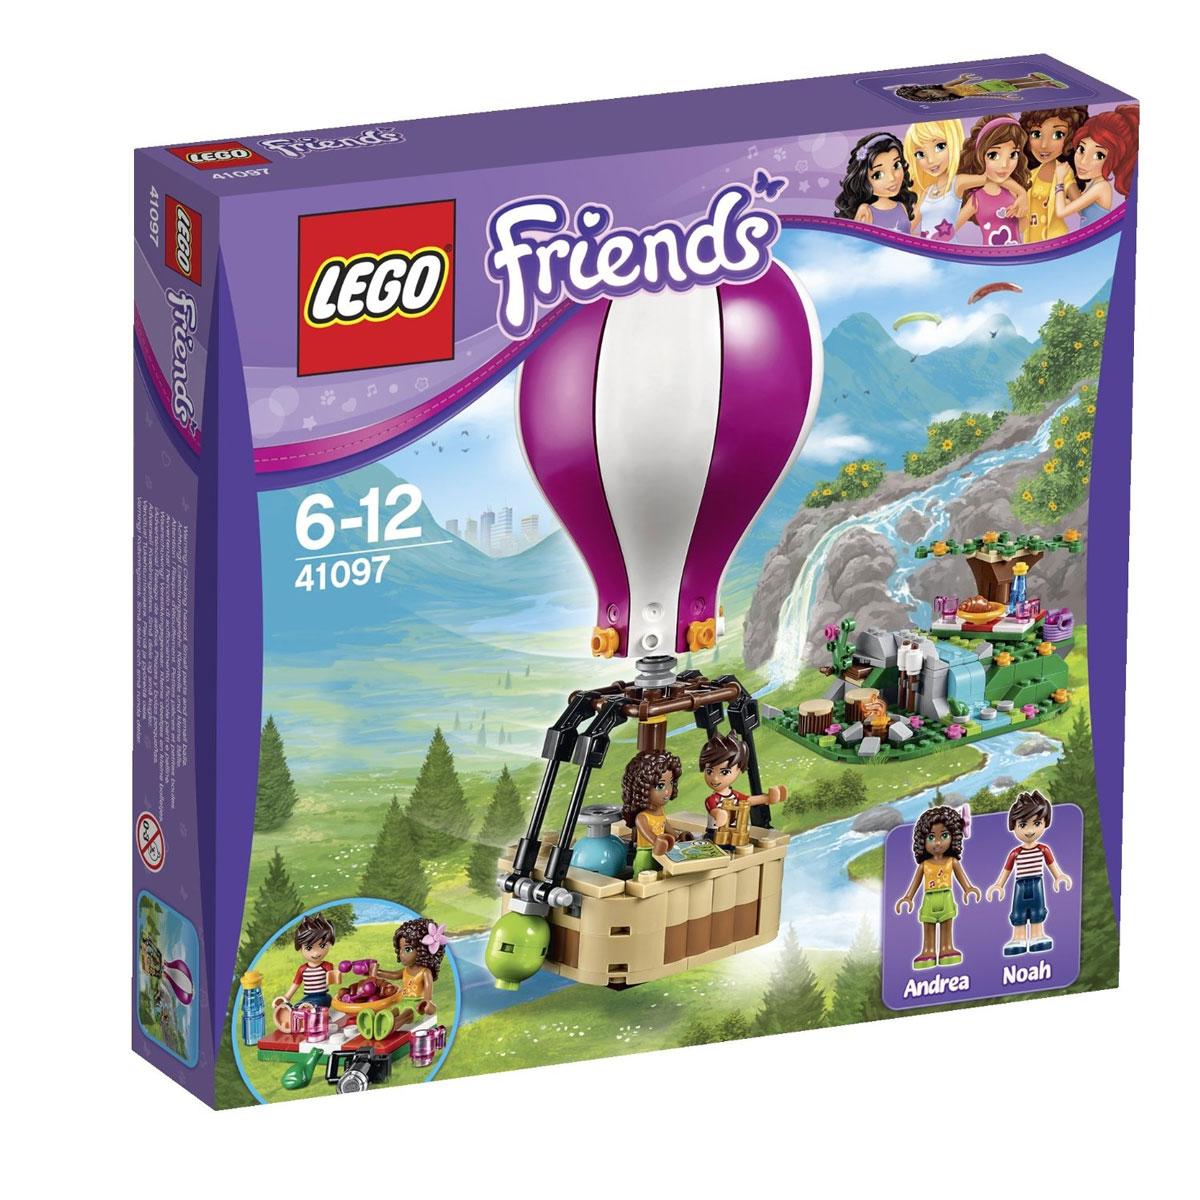 LEGO Friends Конструктор Воздушный шар 4109741097Чтобы весело и интересно провести выходные, Андреа и Ноа отправились на загородный пикник. Выбрав место с самым красивым видом, друзья разбили лагерь и приготовились к обеду. Рядом с ветвистым, цветущим деревом они постелили клетчатую скатерть. Сверху на неё поставили чашки, бутылку с водой, тарелку с выпечкой и корзину с фруктами. Справа от живописного водопада расчистили площадку для костра. Вечером здесь можно будет развести огонь и приготовить горячий ужин. Для того, чтобы отдых запомнился надолго, Андреа и Ноа решили прокатиться на воздушном шаре. Его вместительная корзина способна выдержать сразу двух пассажиров. Если путешествие продлится дольше запланированного времени, то друзья смогут воспользоваться дополнительным баллоном с газом, а если они захотят подняться максимально высоко, то смогут сбросить зелёные балластные мешки. Купол воздушного шара имеет контрастные, бело-розовые полоски, хорошо заметные в небе. В основании купола установлена пропановая горелка для...